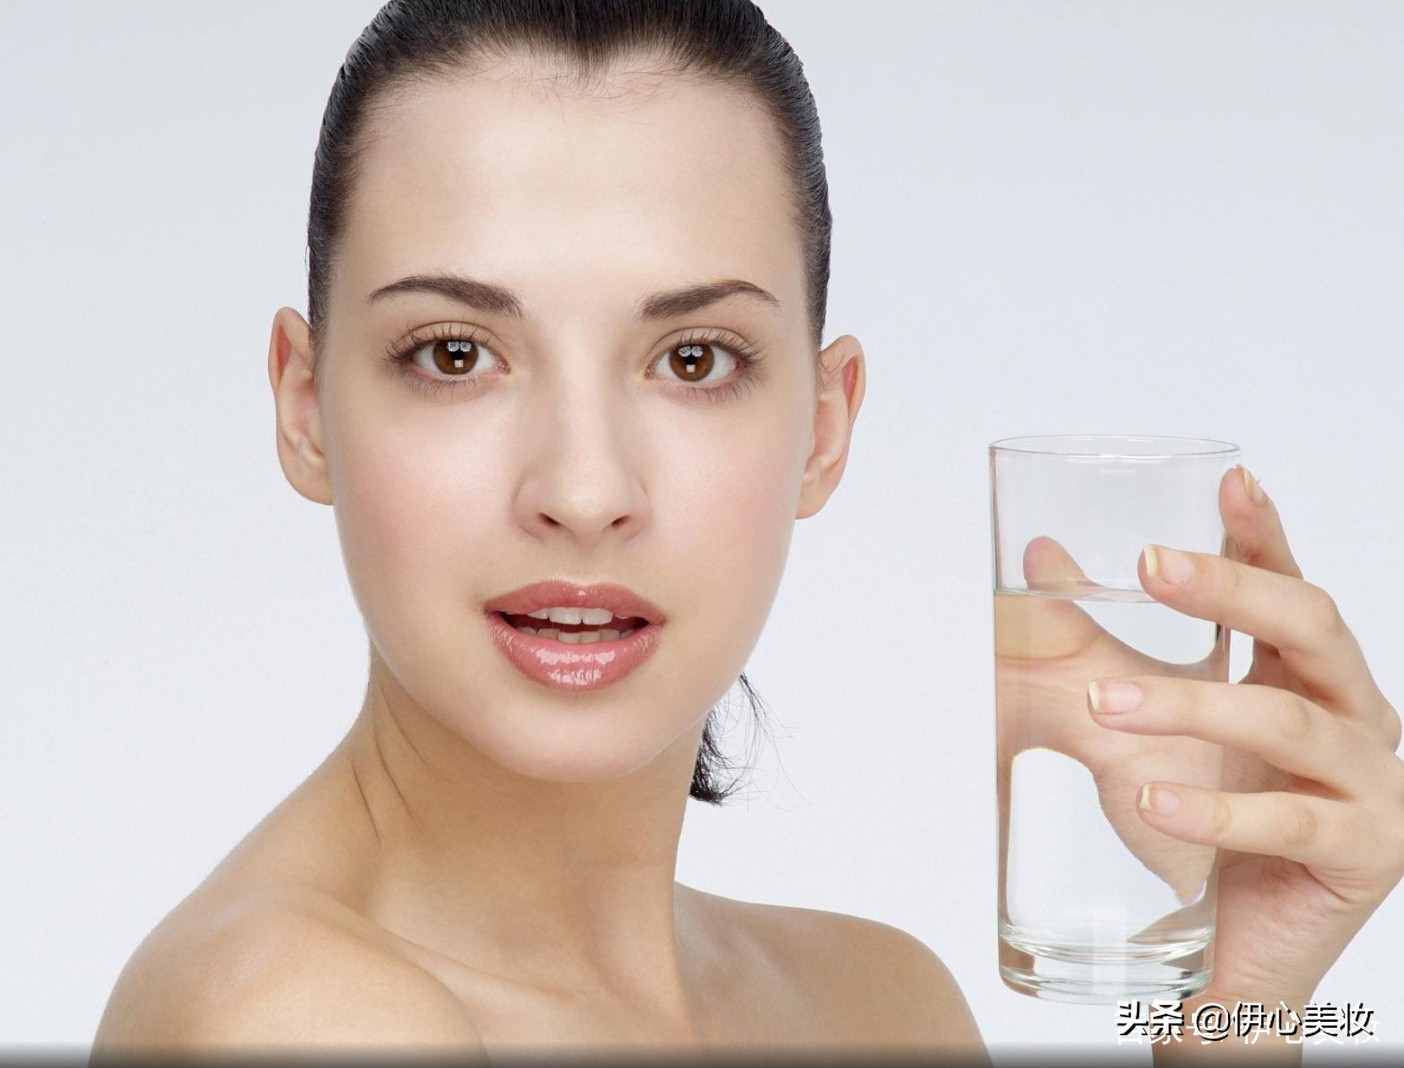 毛孔粗大怎么缩小?掌握这4个技巧,不仅毛孔变小,皮肤也更白